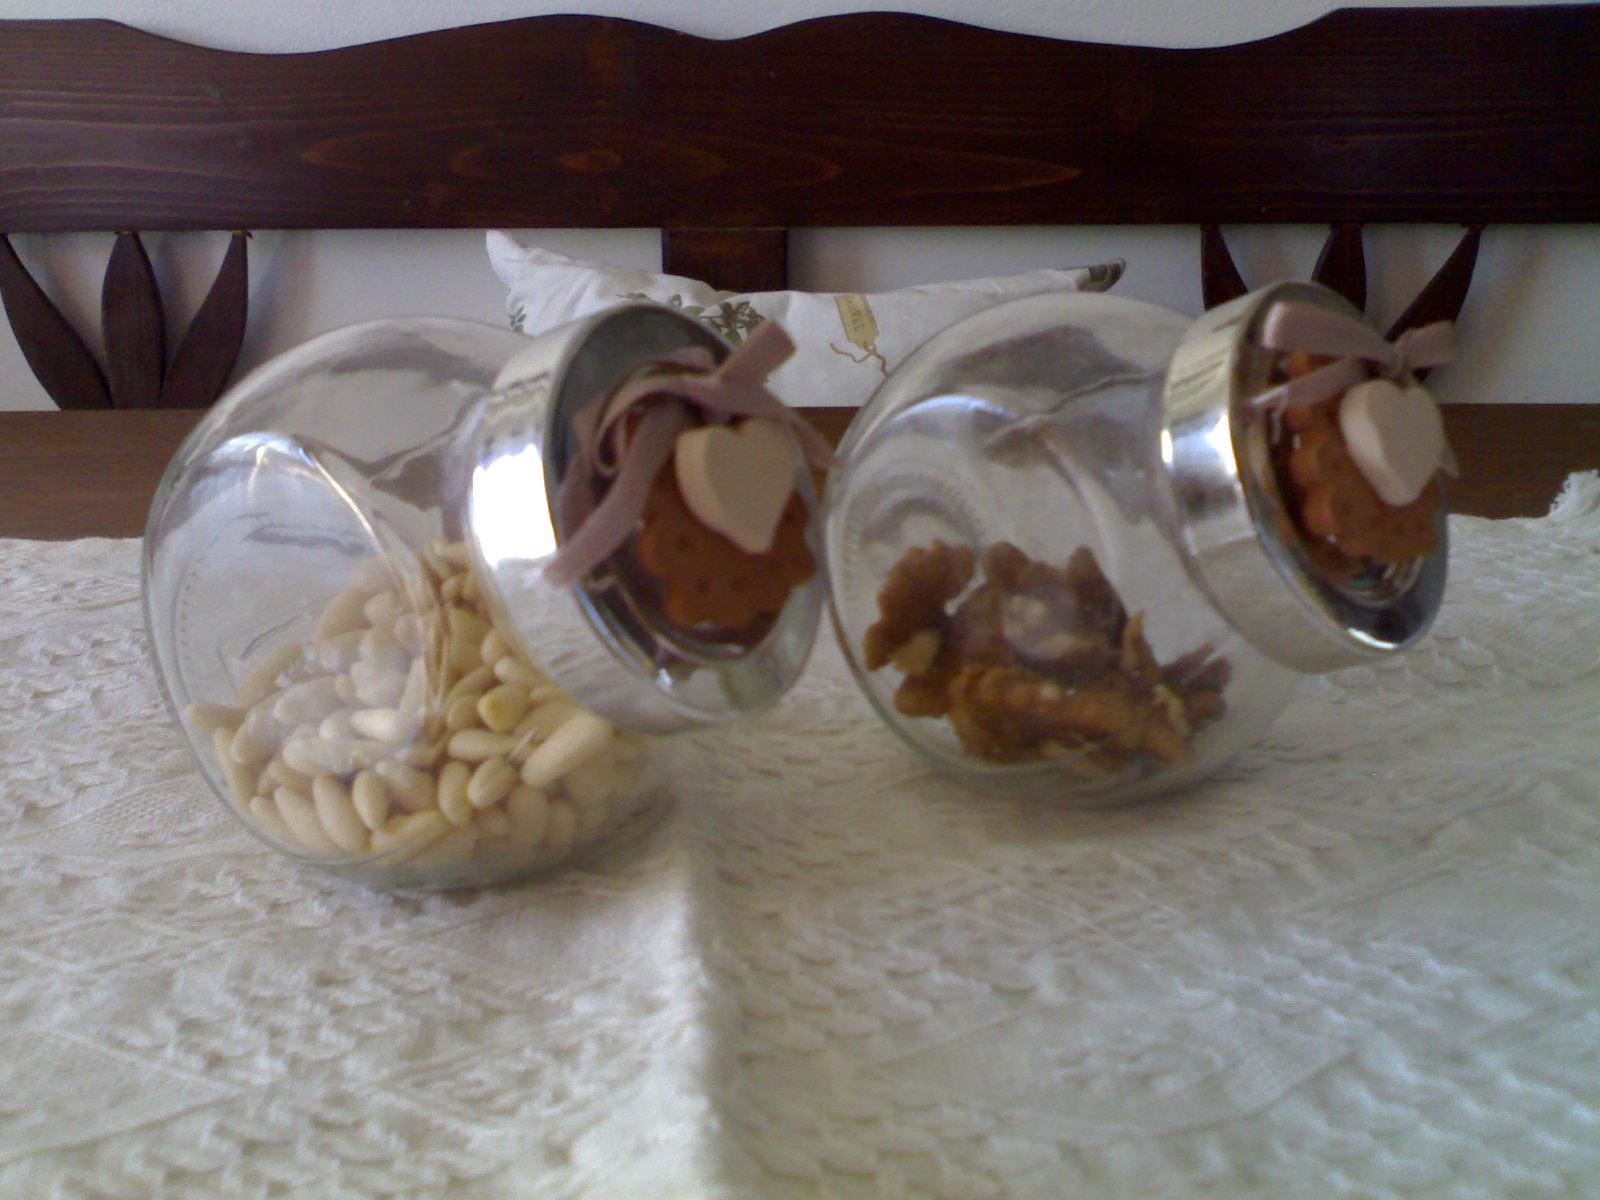 Laboratorio di zia polly i miei barattoli per la nuova cucina prima parte - Ikea barattoli cucina ...